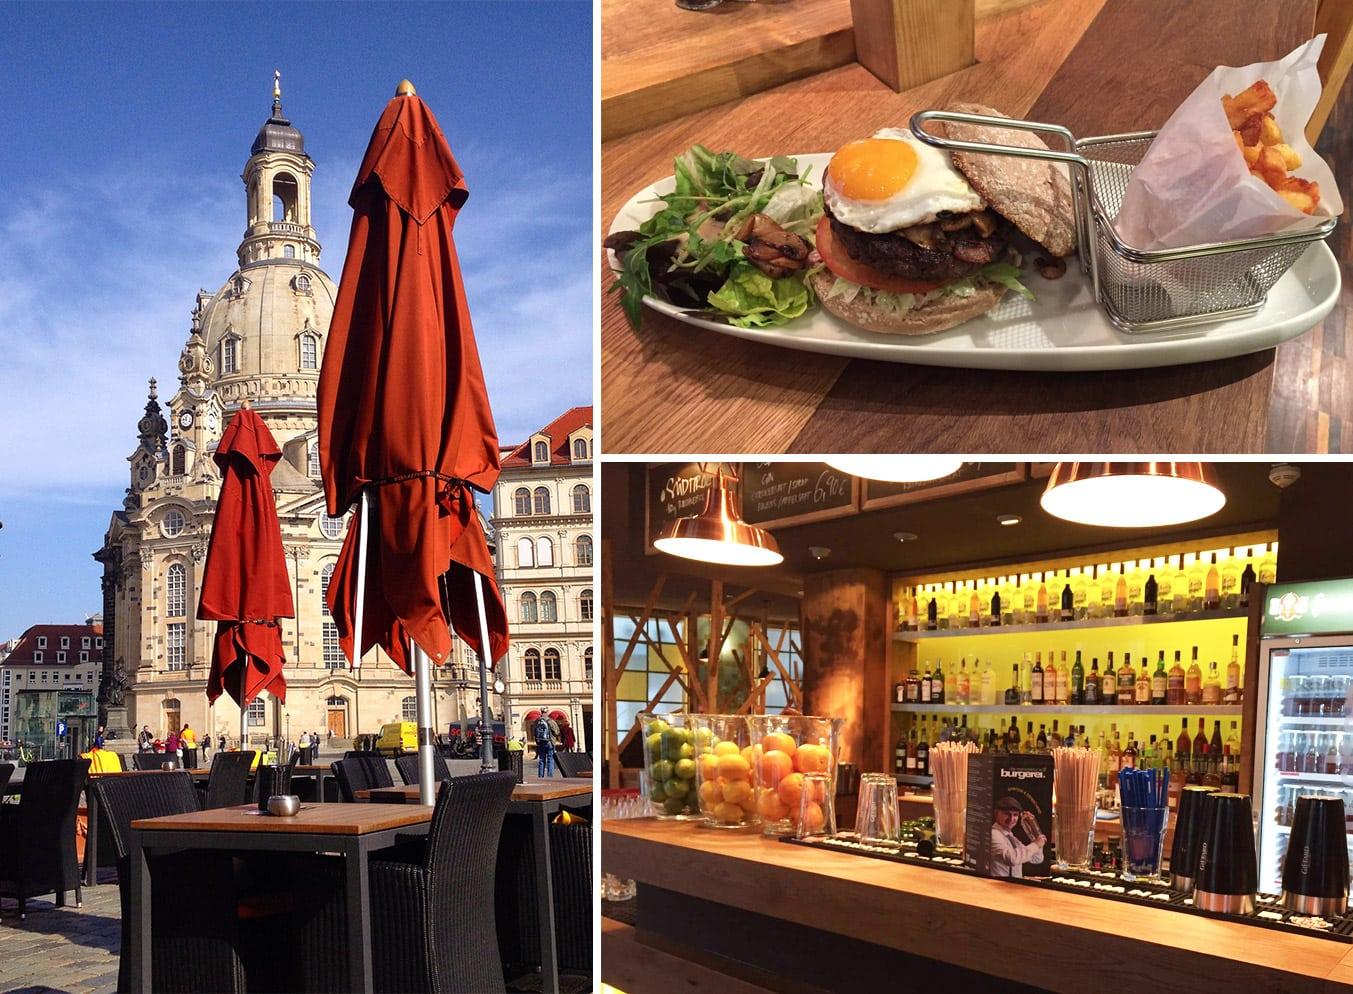 Restaurant die Burgerei in Dresden